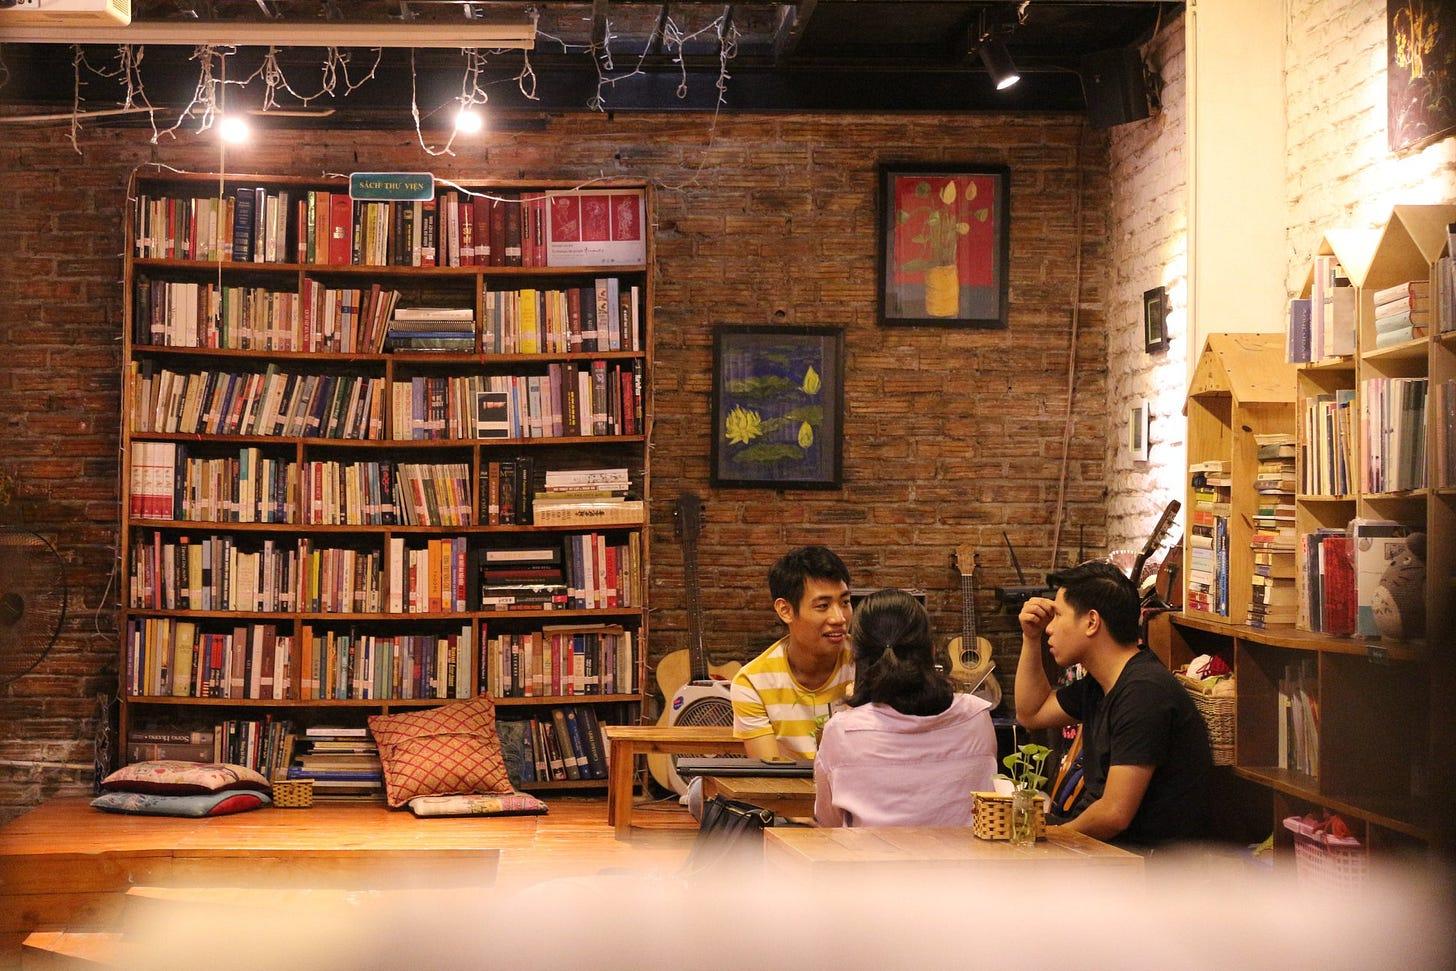 Quán cũng thường xuyên tổ chức các chương trình talkshow và gặp gỡ về văn hóa, nghệ thuật để tăng tính kết nối xã hội. Nguồn: Fanpage Tổ Chim xanh